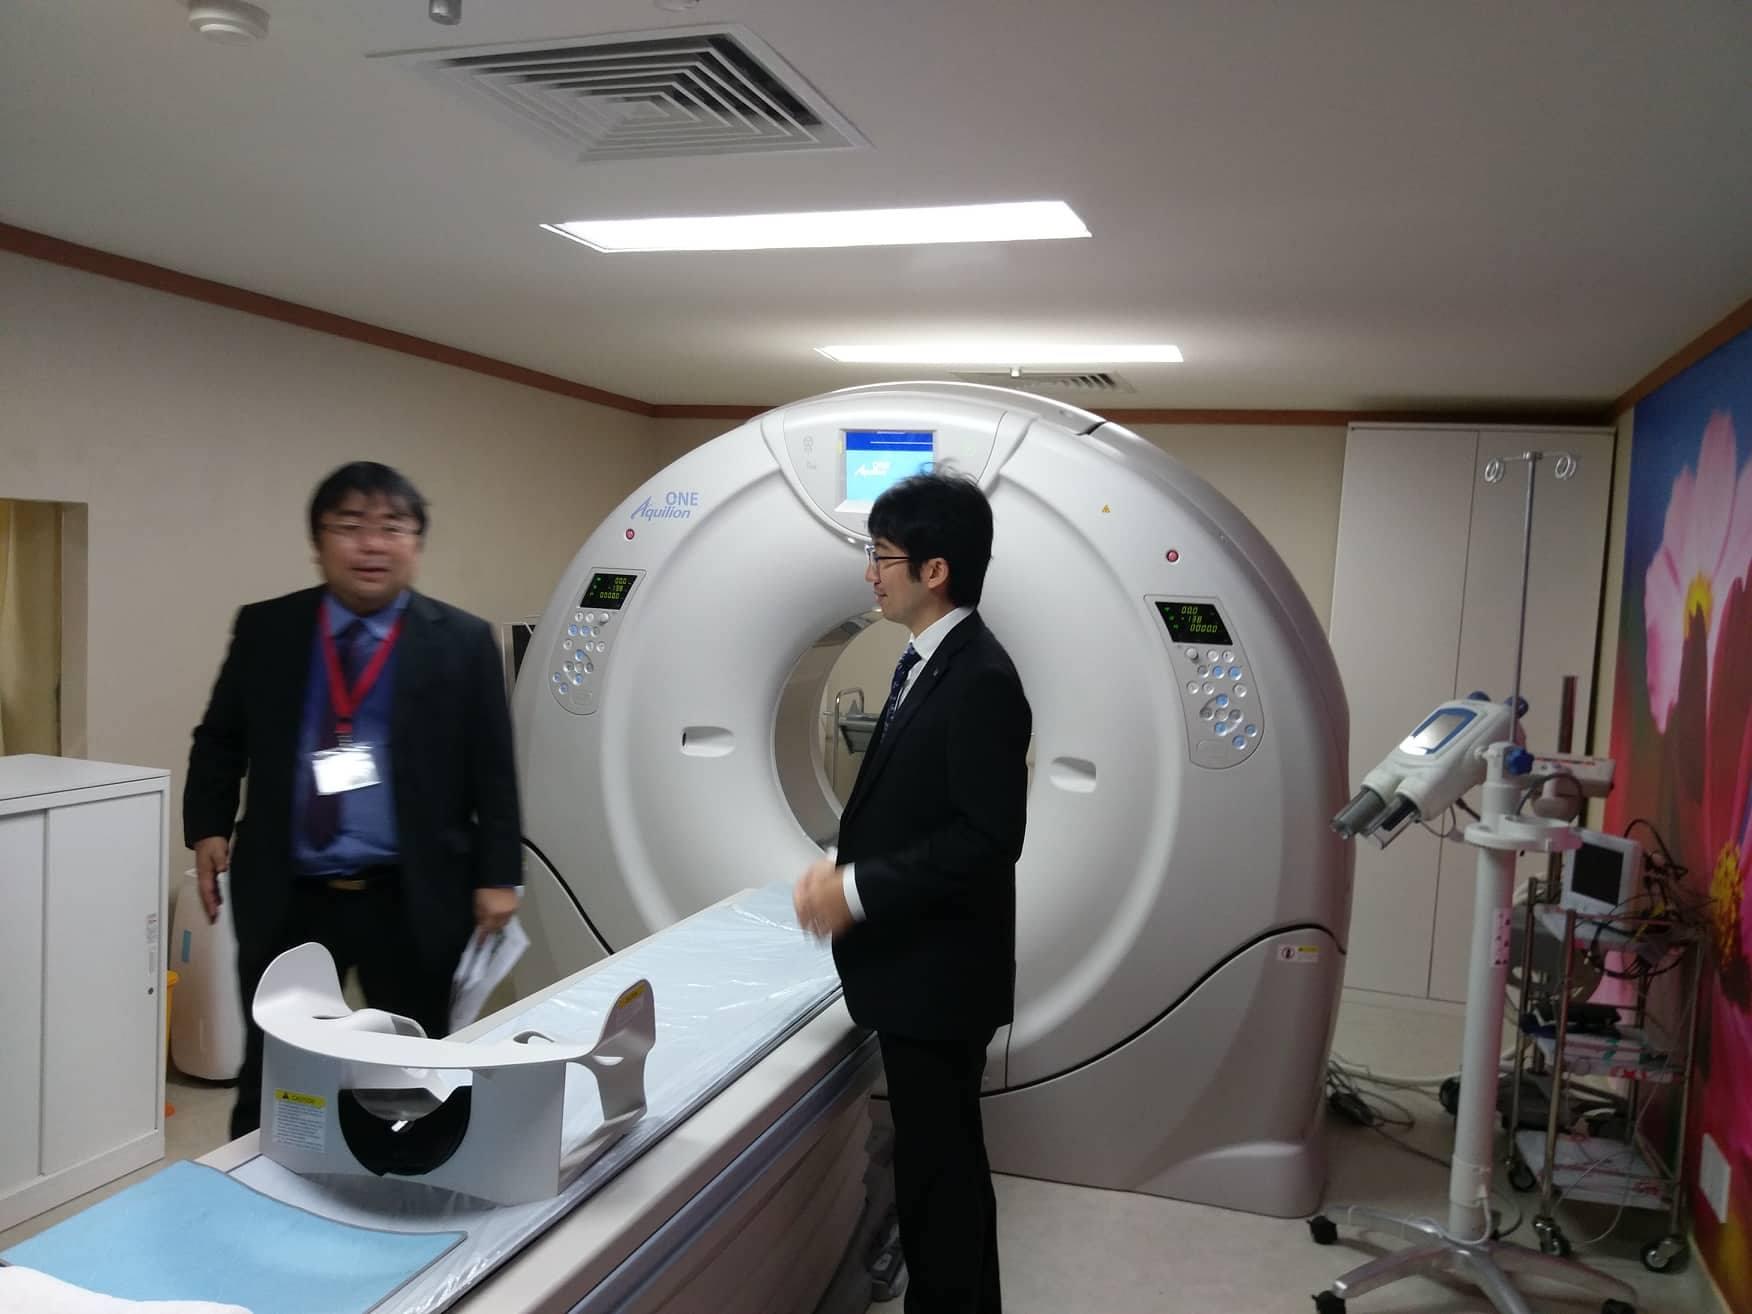 Bệnh viện Chợ Rẫy khánh thành trung tâm chăm sóc kiểm tra sức khỏe theo tiêu chuẩn Nhật Bản - Ảnh 2